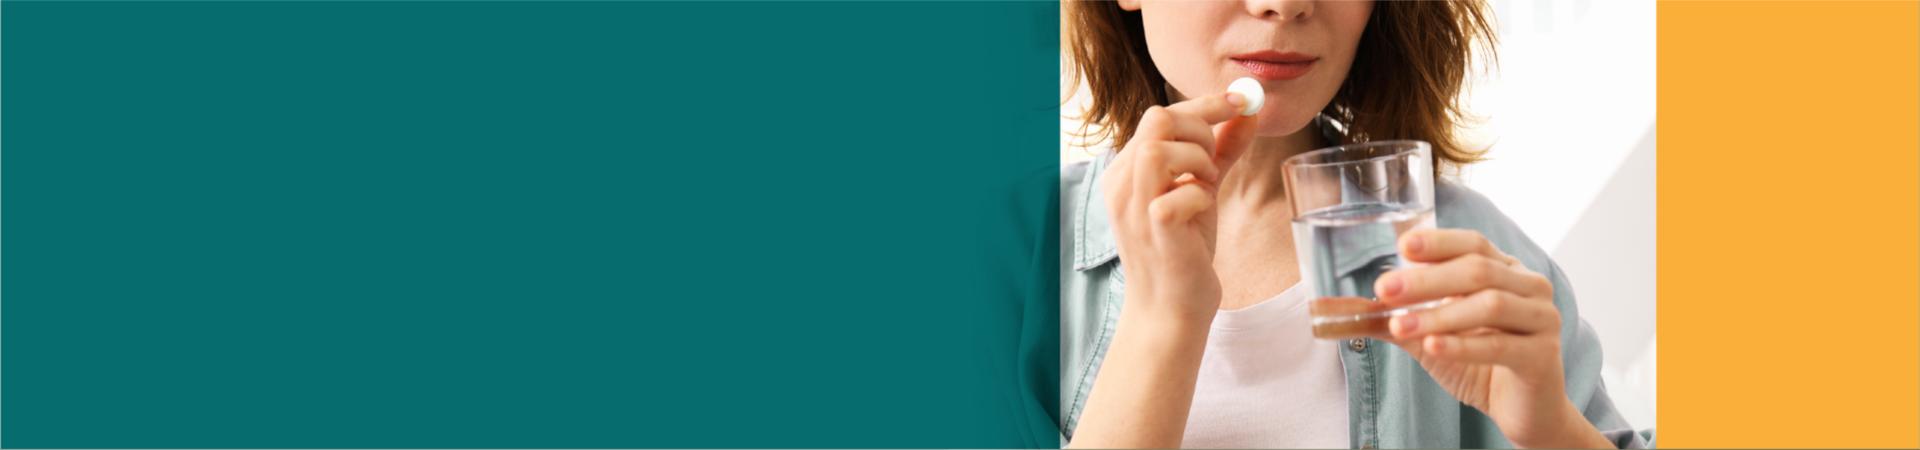 Banner Topo - V Encontro sobre o Uso Racional de Medicamentos